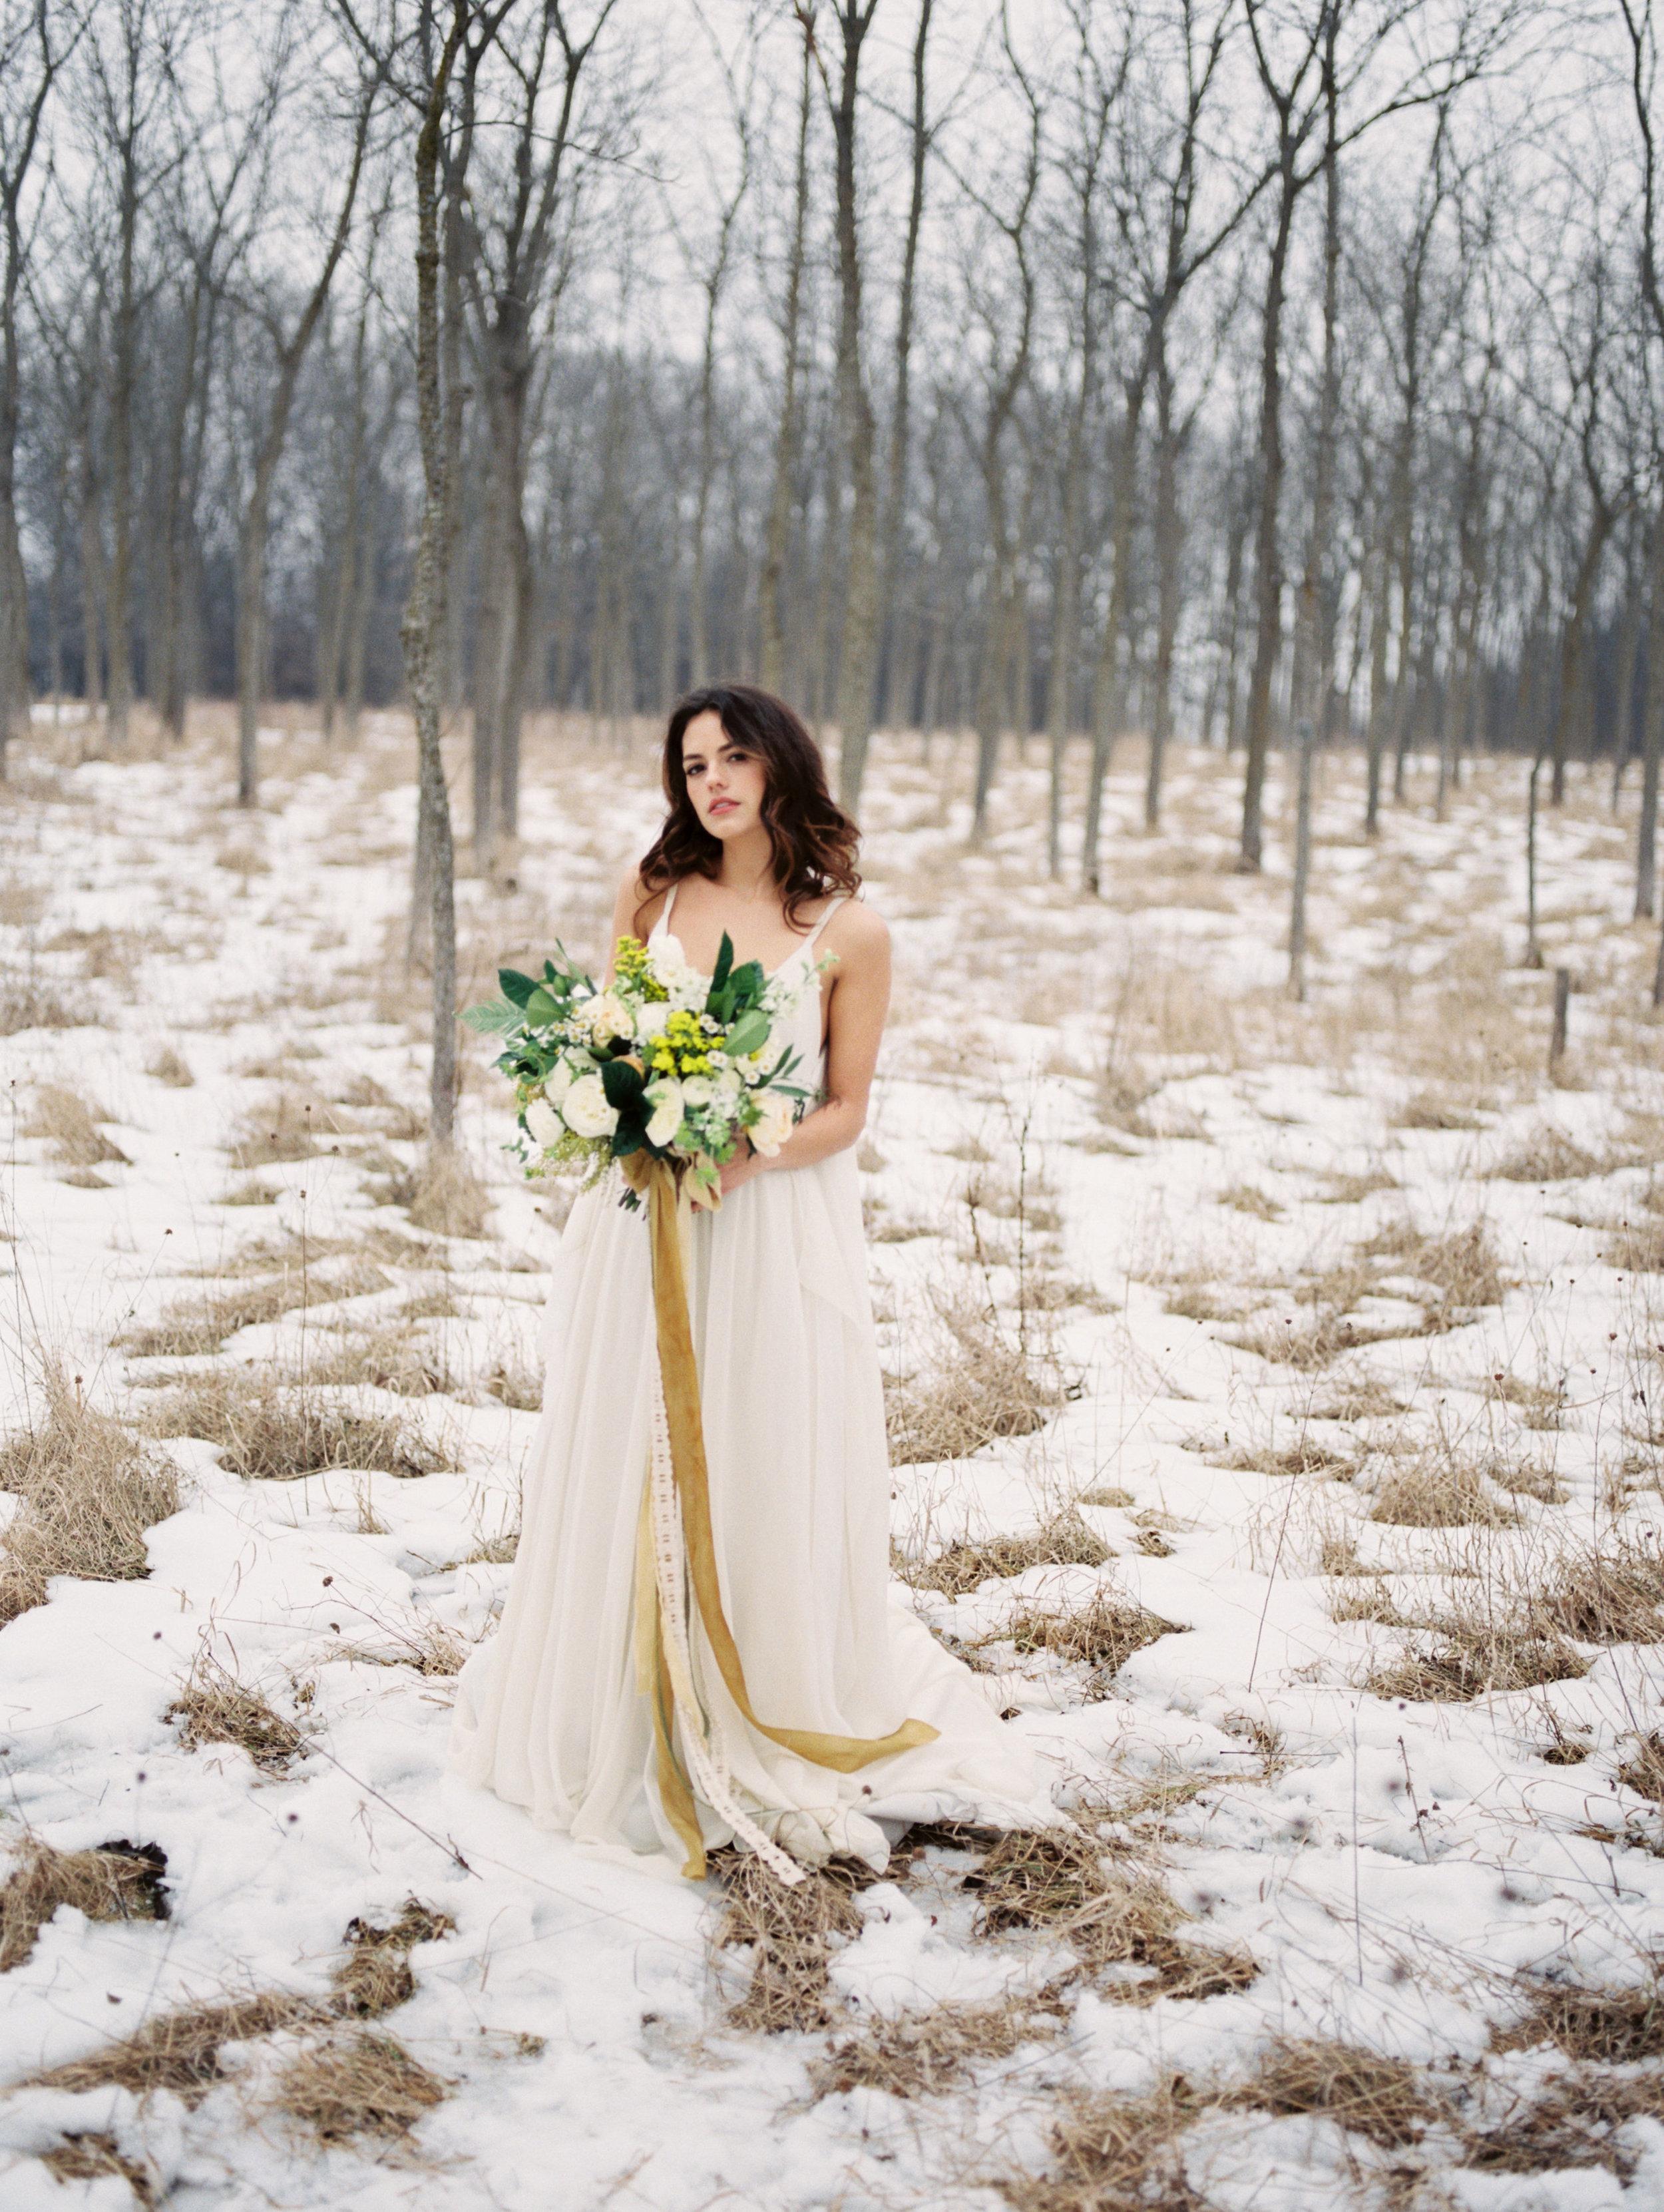 winter wedding flowers yellow and white.jpg